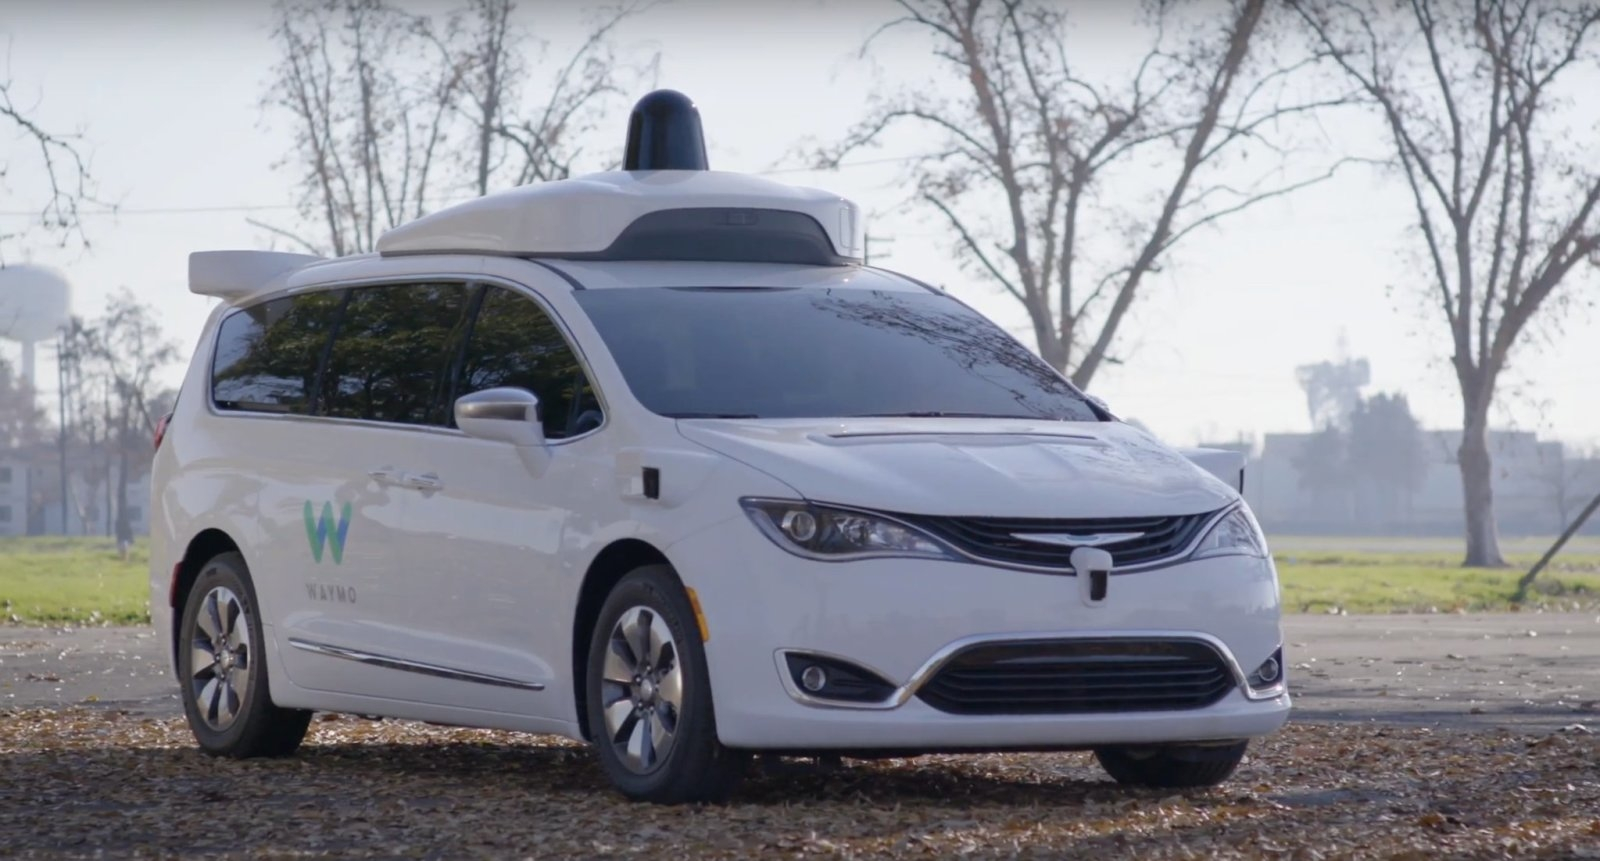 时评 自动驾驶革命不会进行低潮